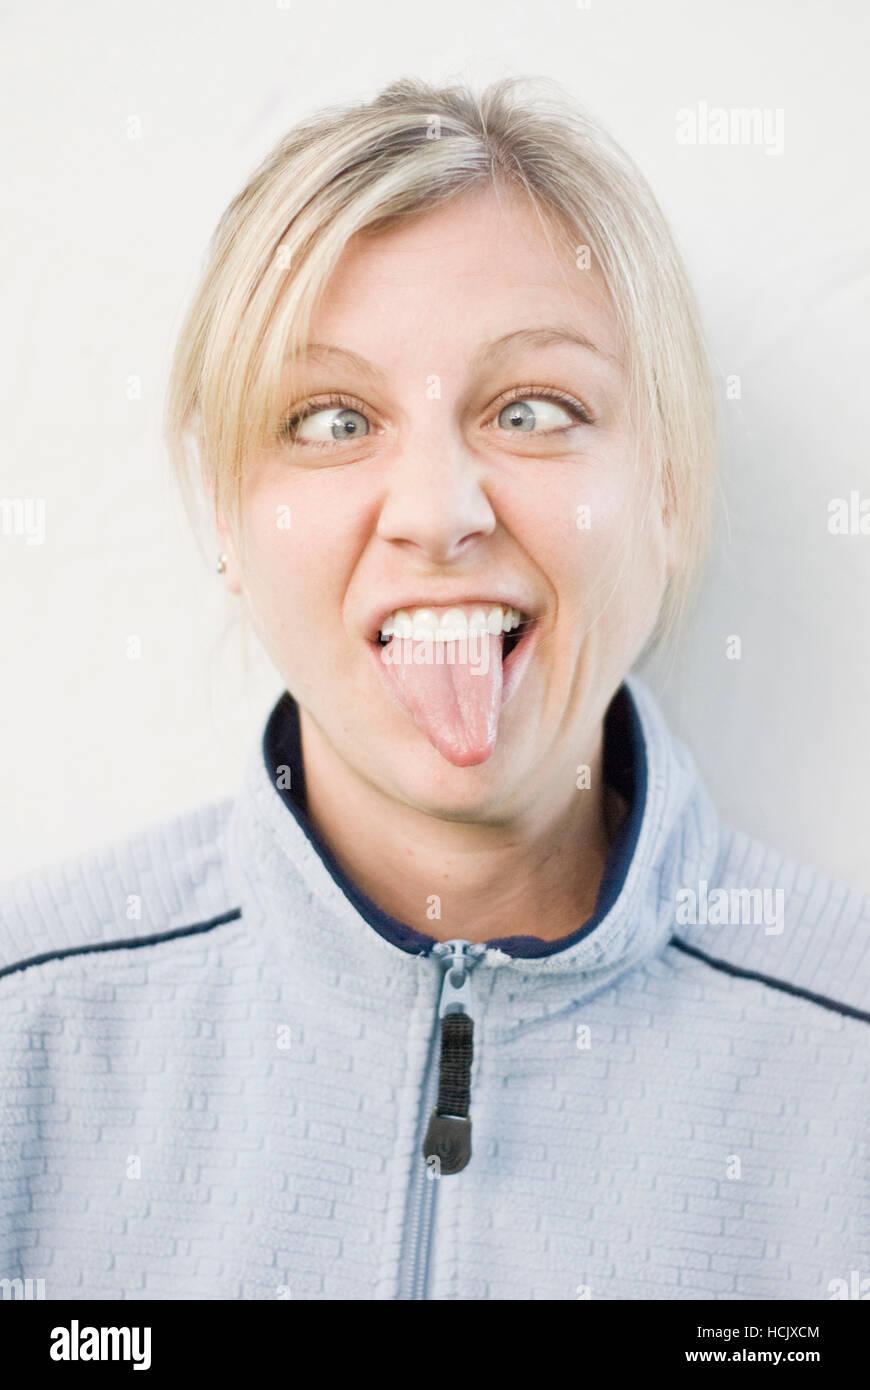 Ironico ritratto di una giovane donna che fa una faccia buffa con gli occhi incrociati e sporgenti dalla sua lingua. Immagini Stock